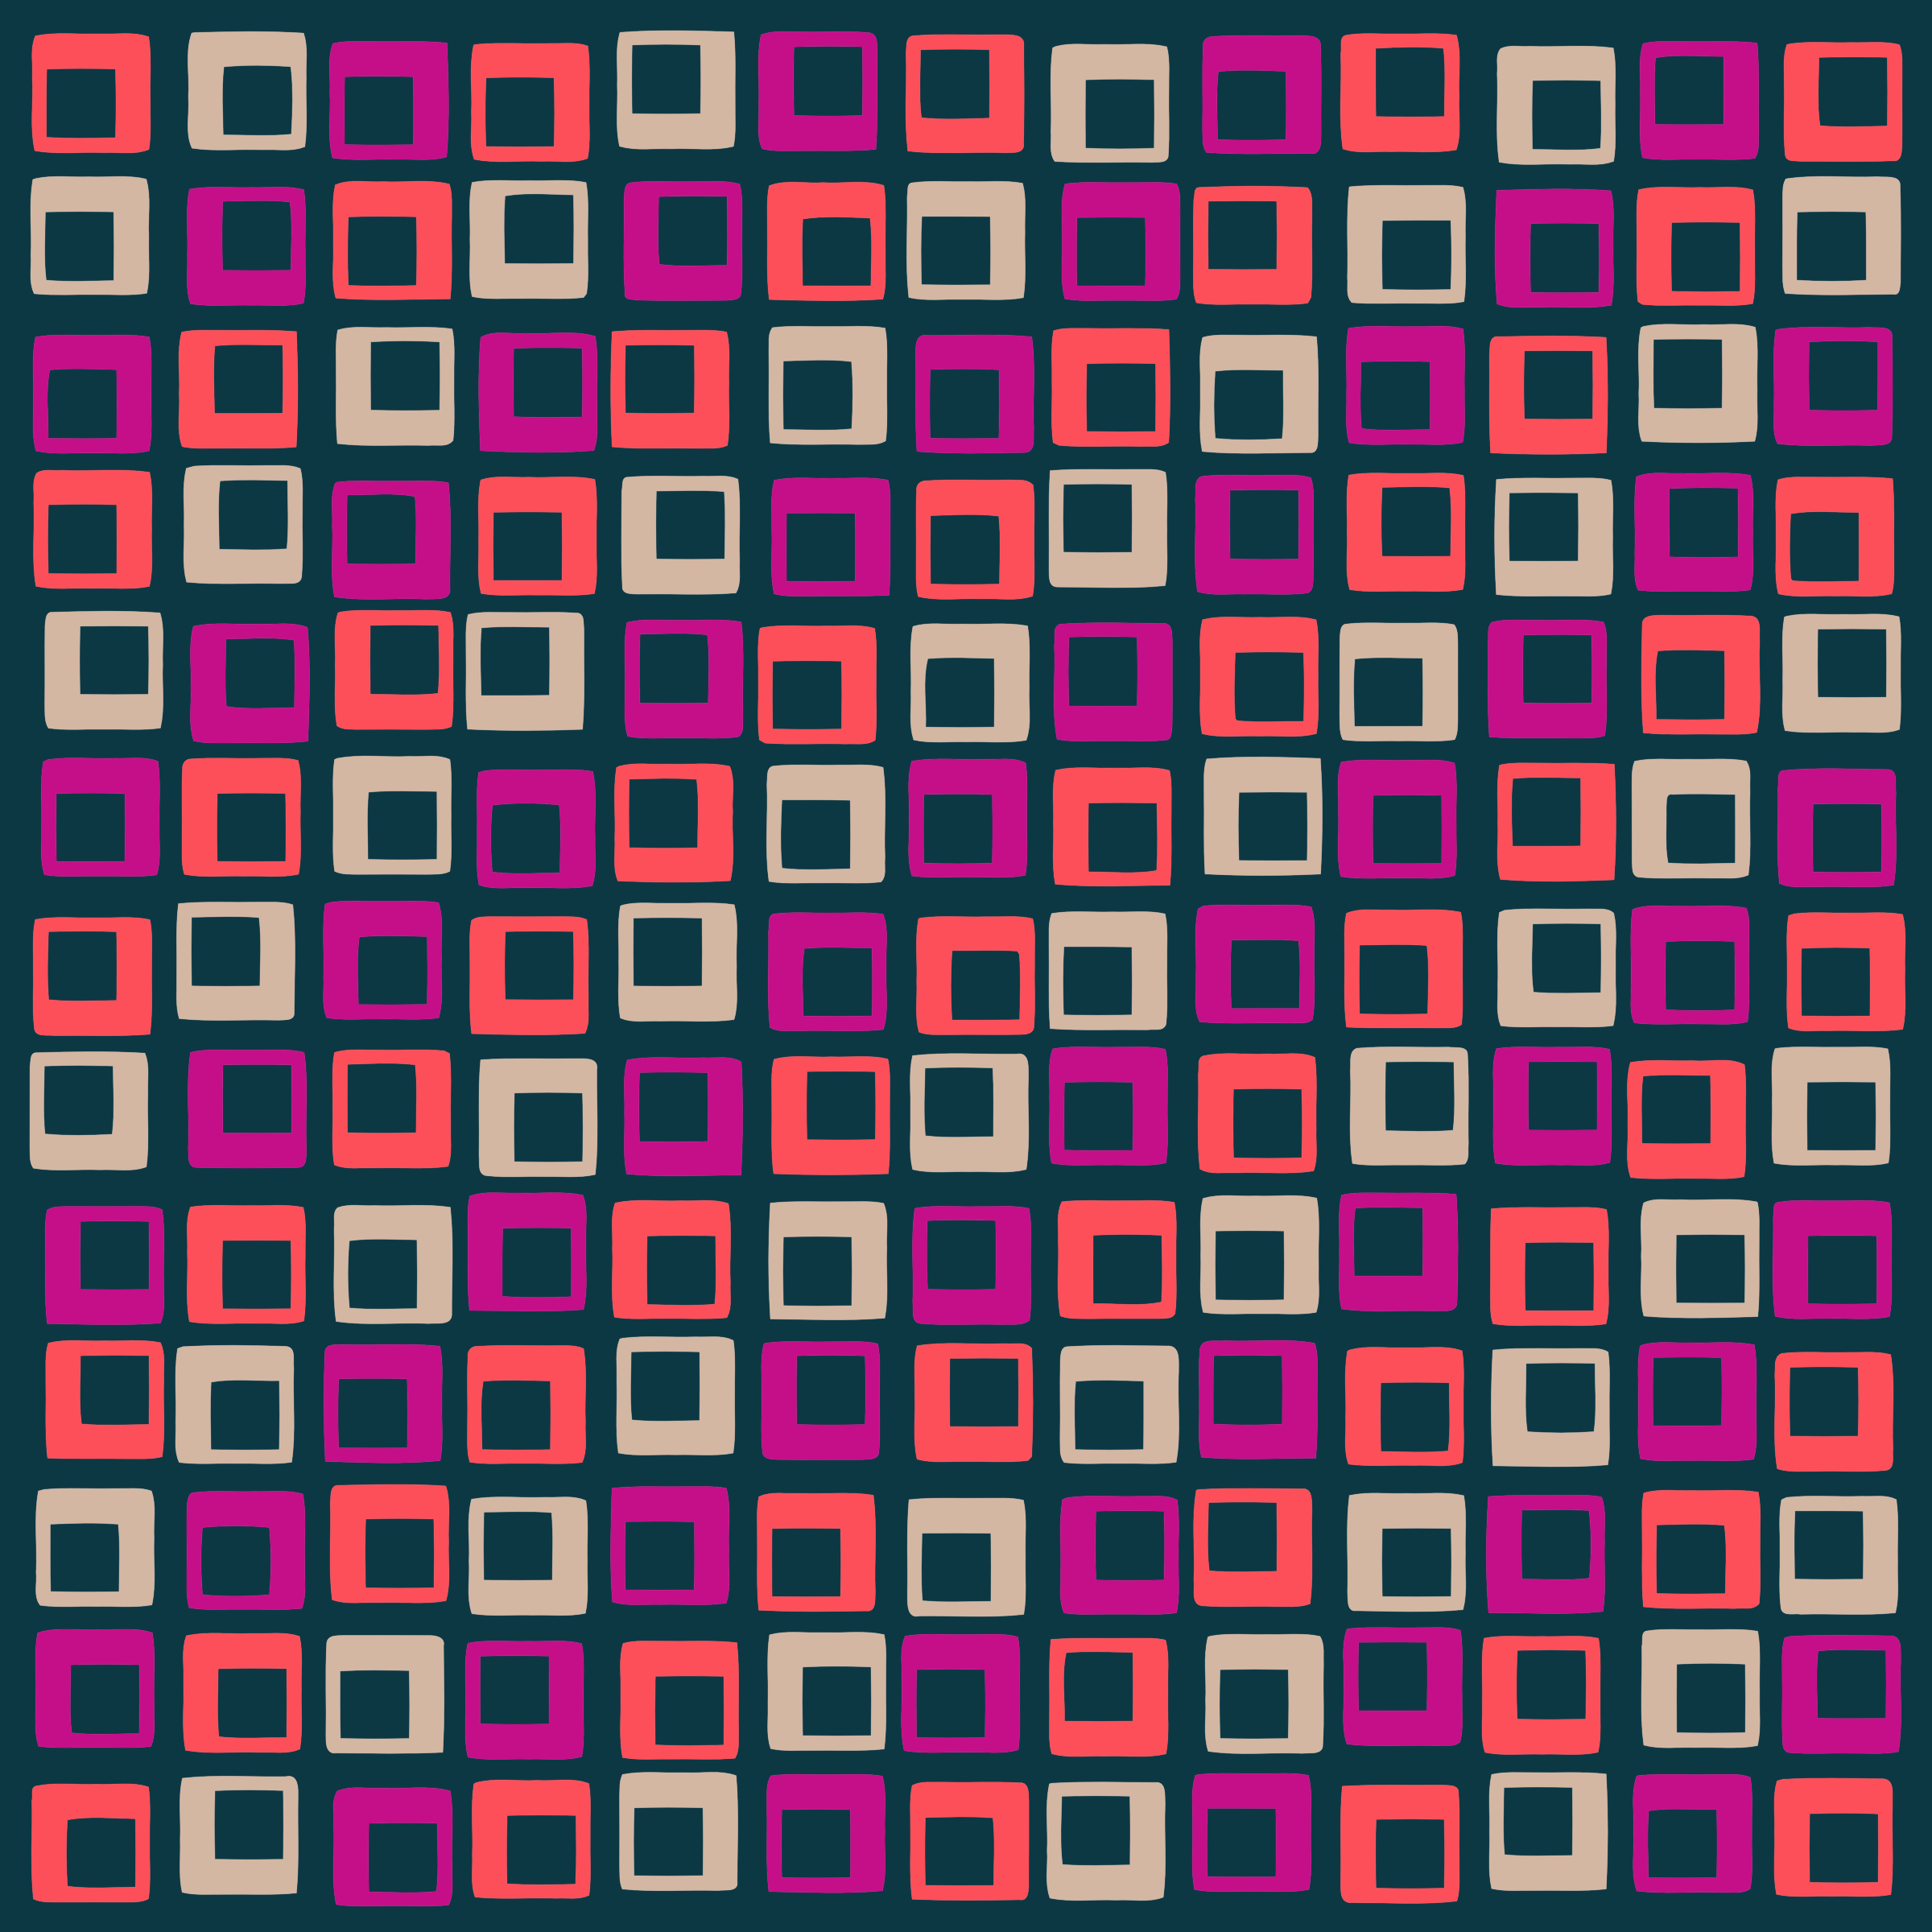 Squares clipart big BIG (PNG) Clipart 2 Squares